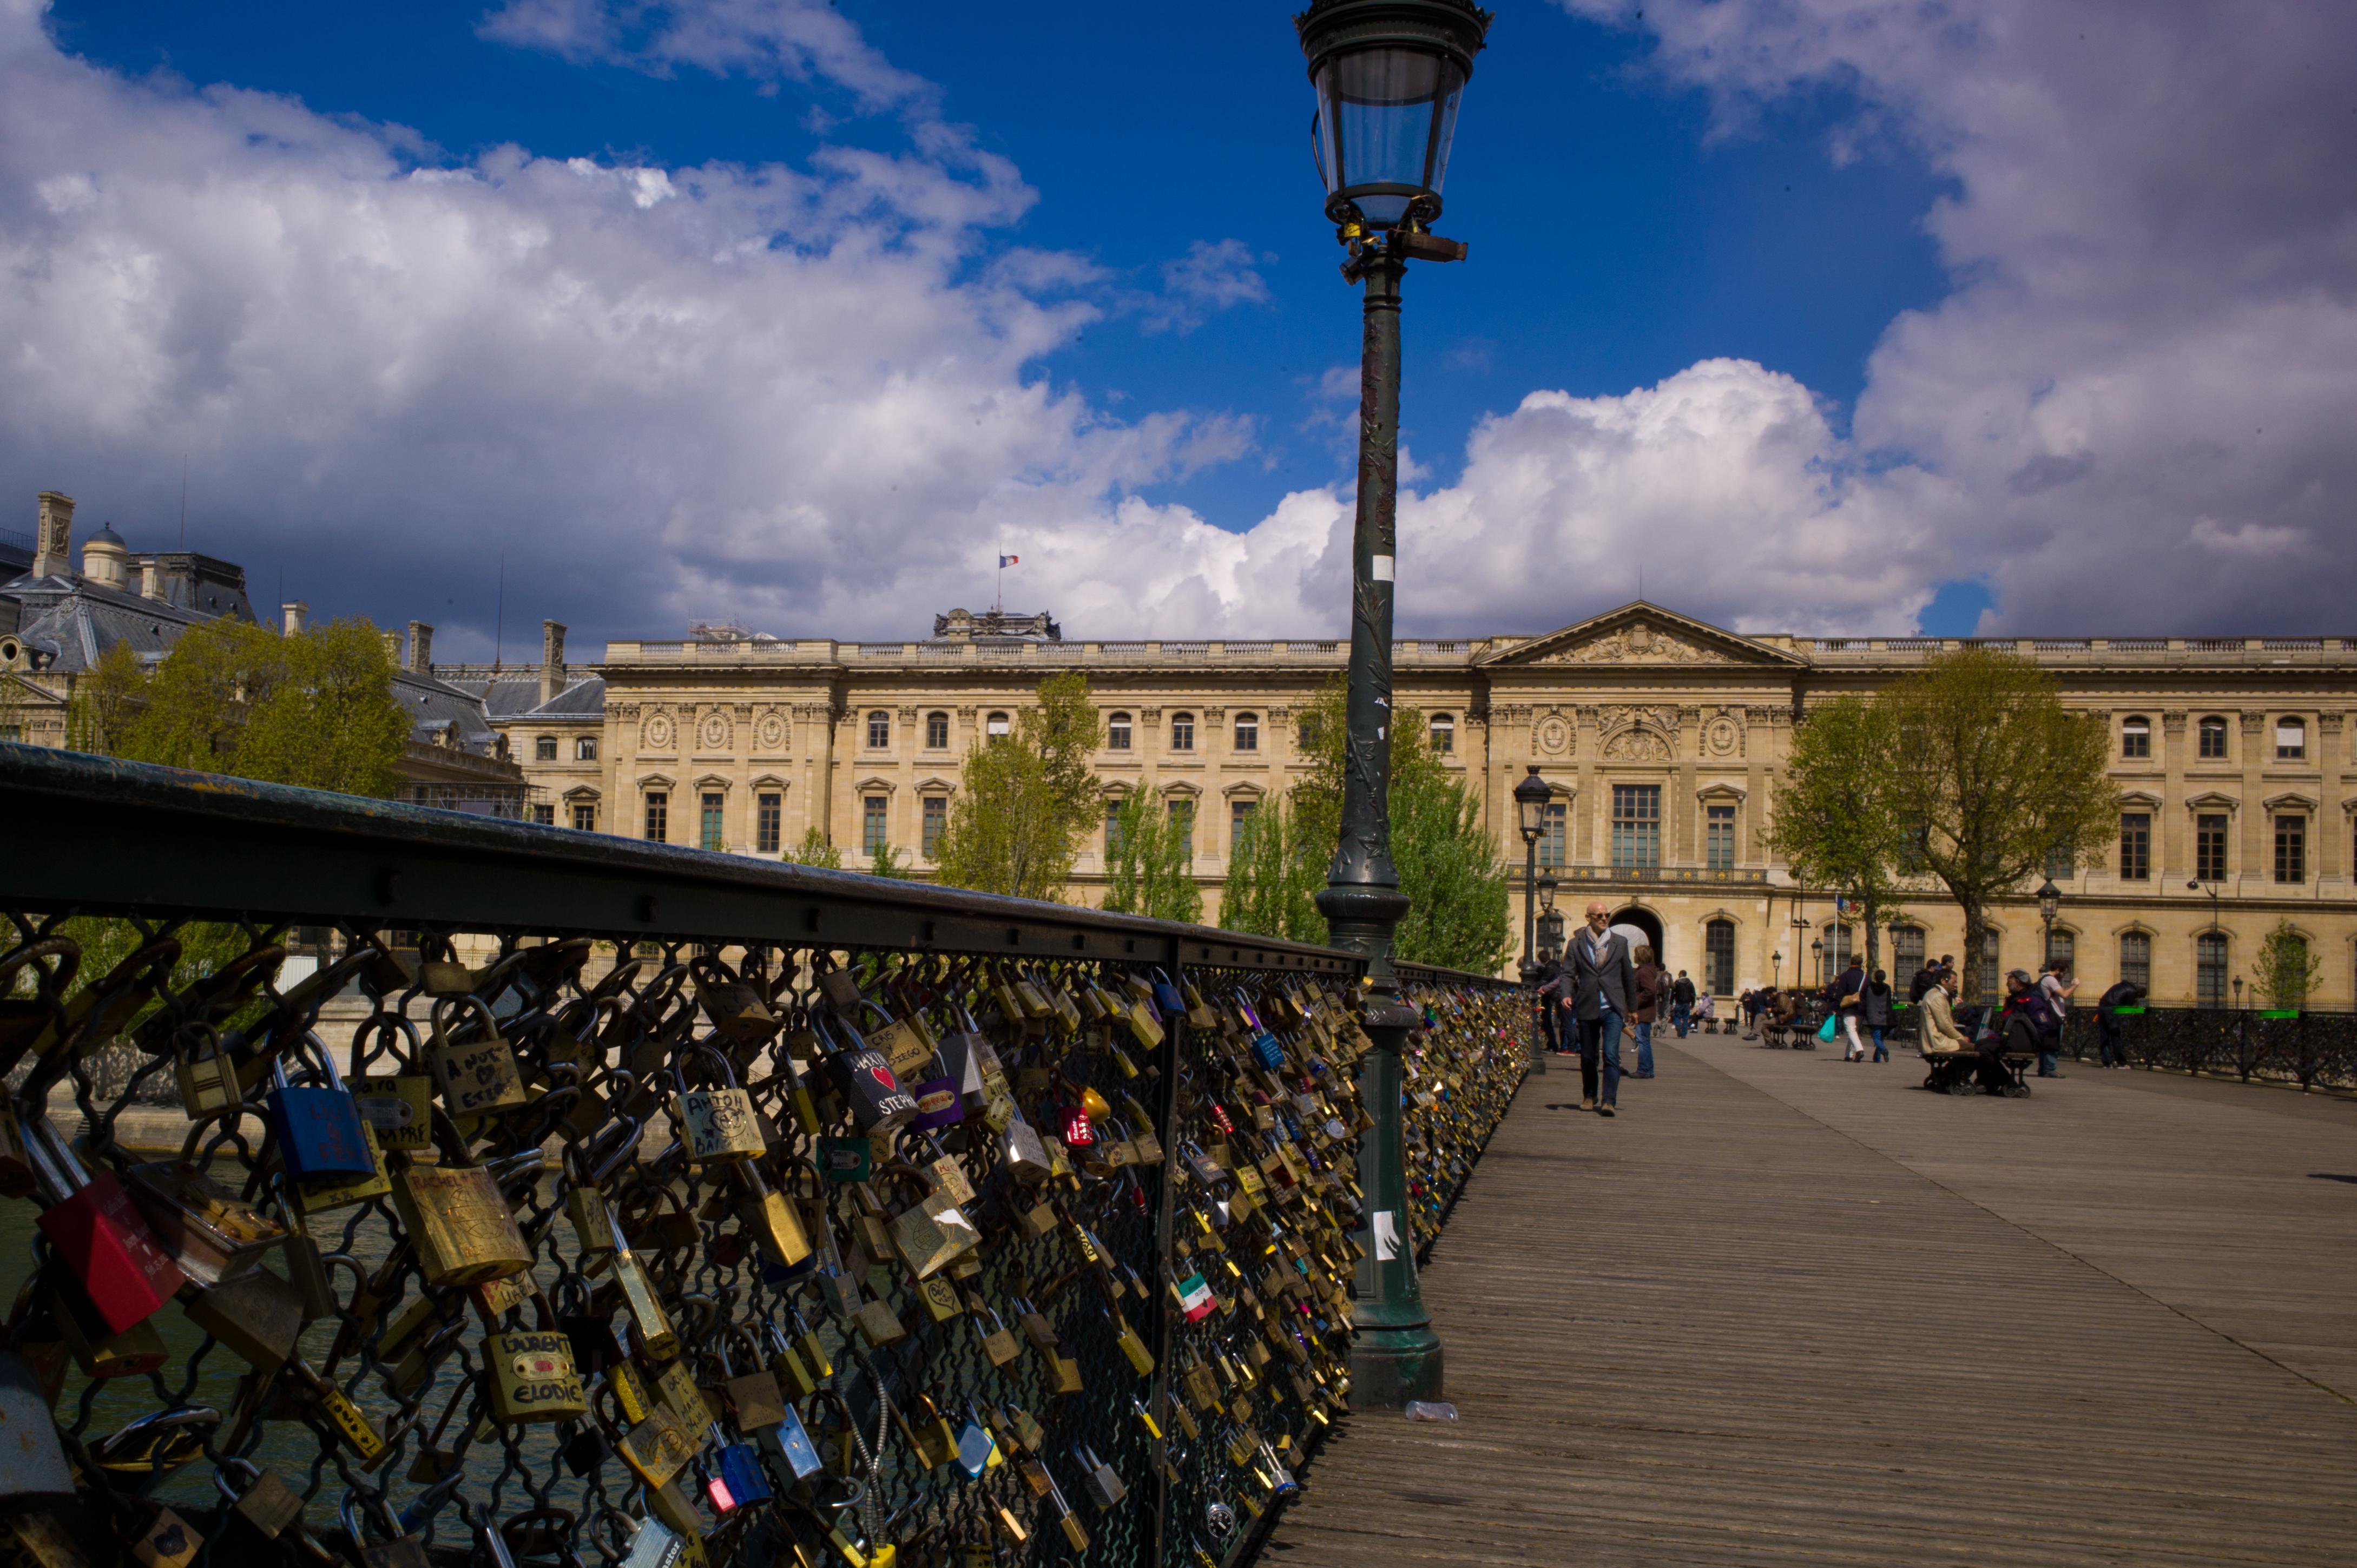 اكتشف جسر الفنون بباريس